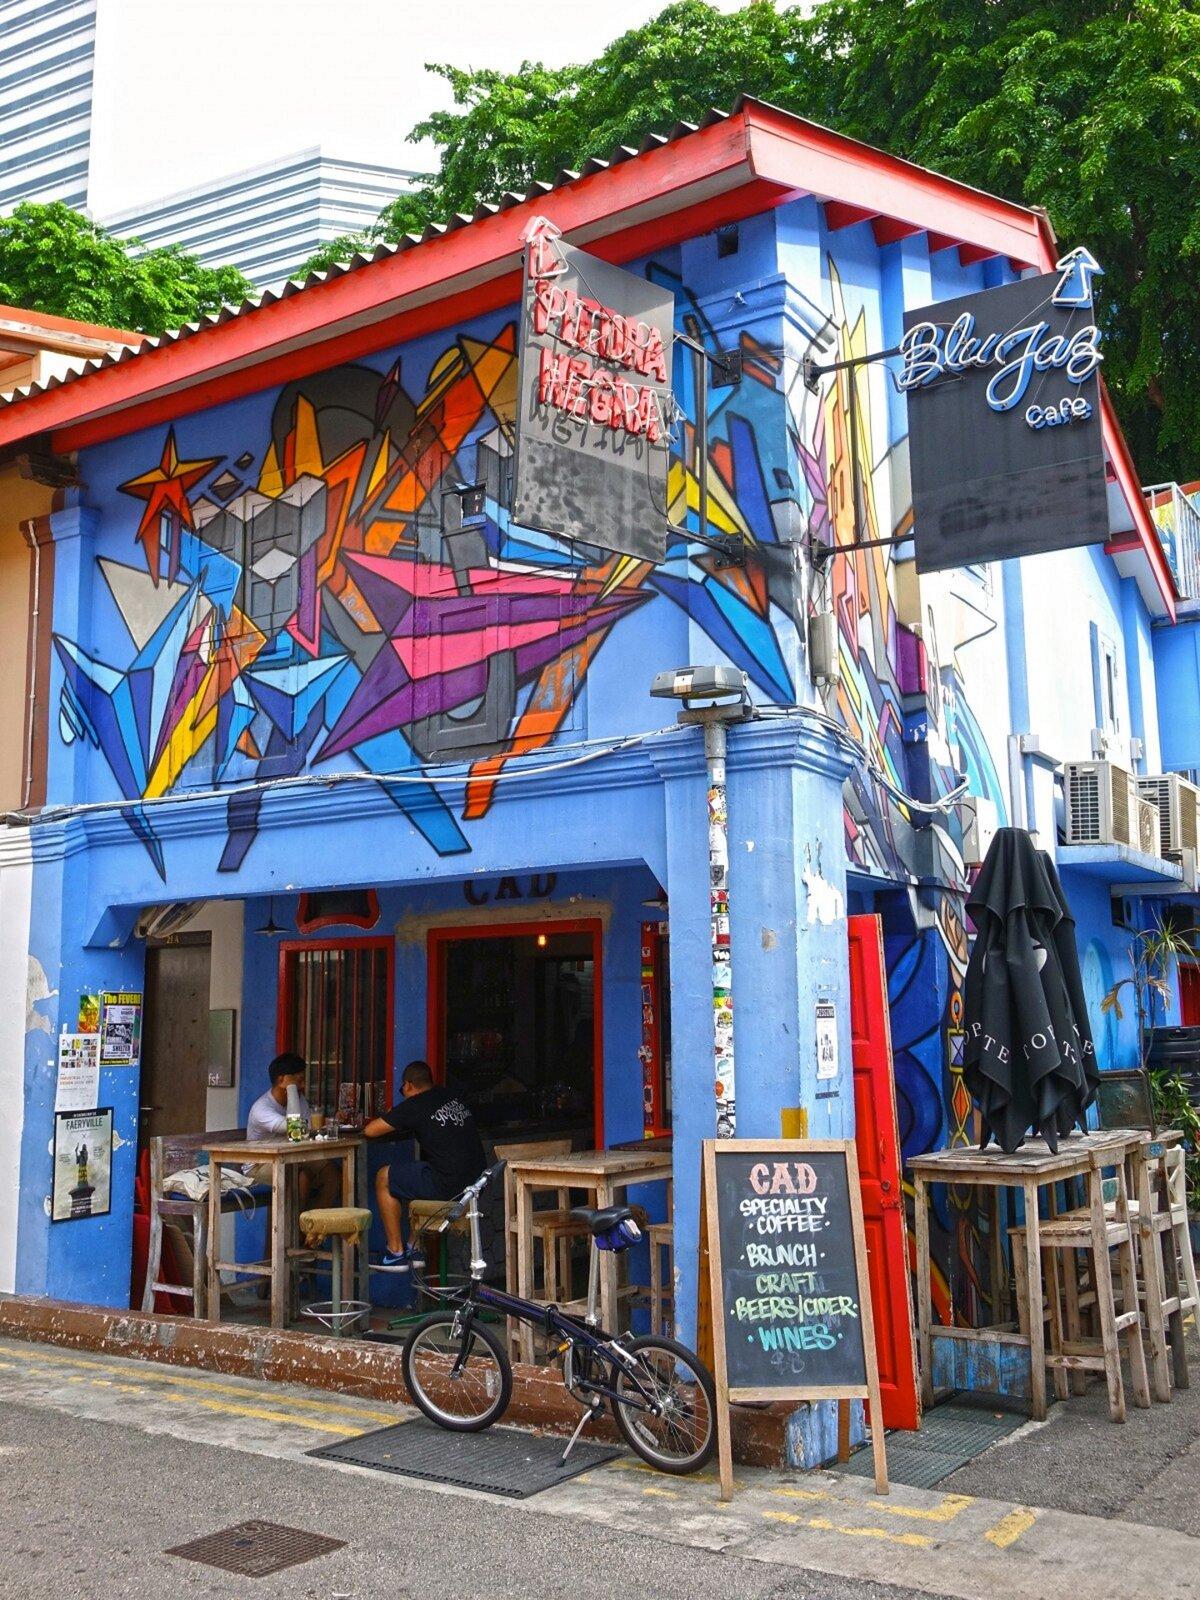 Zdjęcie przedstawia graffiti namalowane na fasadzie niebieskiego budynku zczerwonym dachem. Graffiti ukazuje kolorowe wzory geometryczne. Przed budynkiem stoi rower. Budynek ze zdjęcia to najprawdopodobniej restauracja. Przed budynkiem stoją stoliki oraz krzesła, na których siedzą dwie postacie.